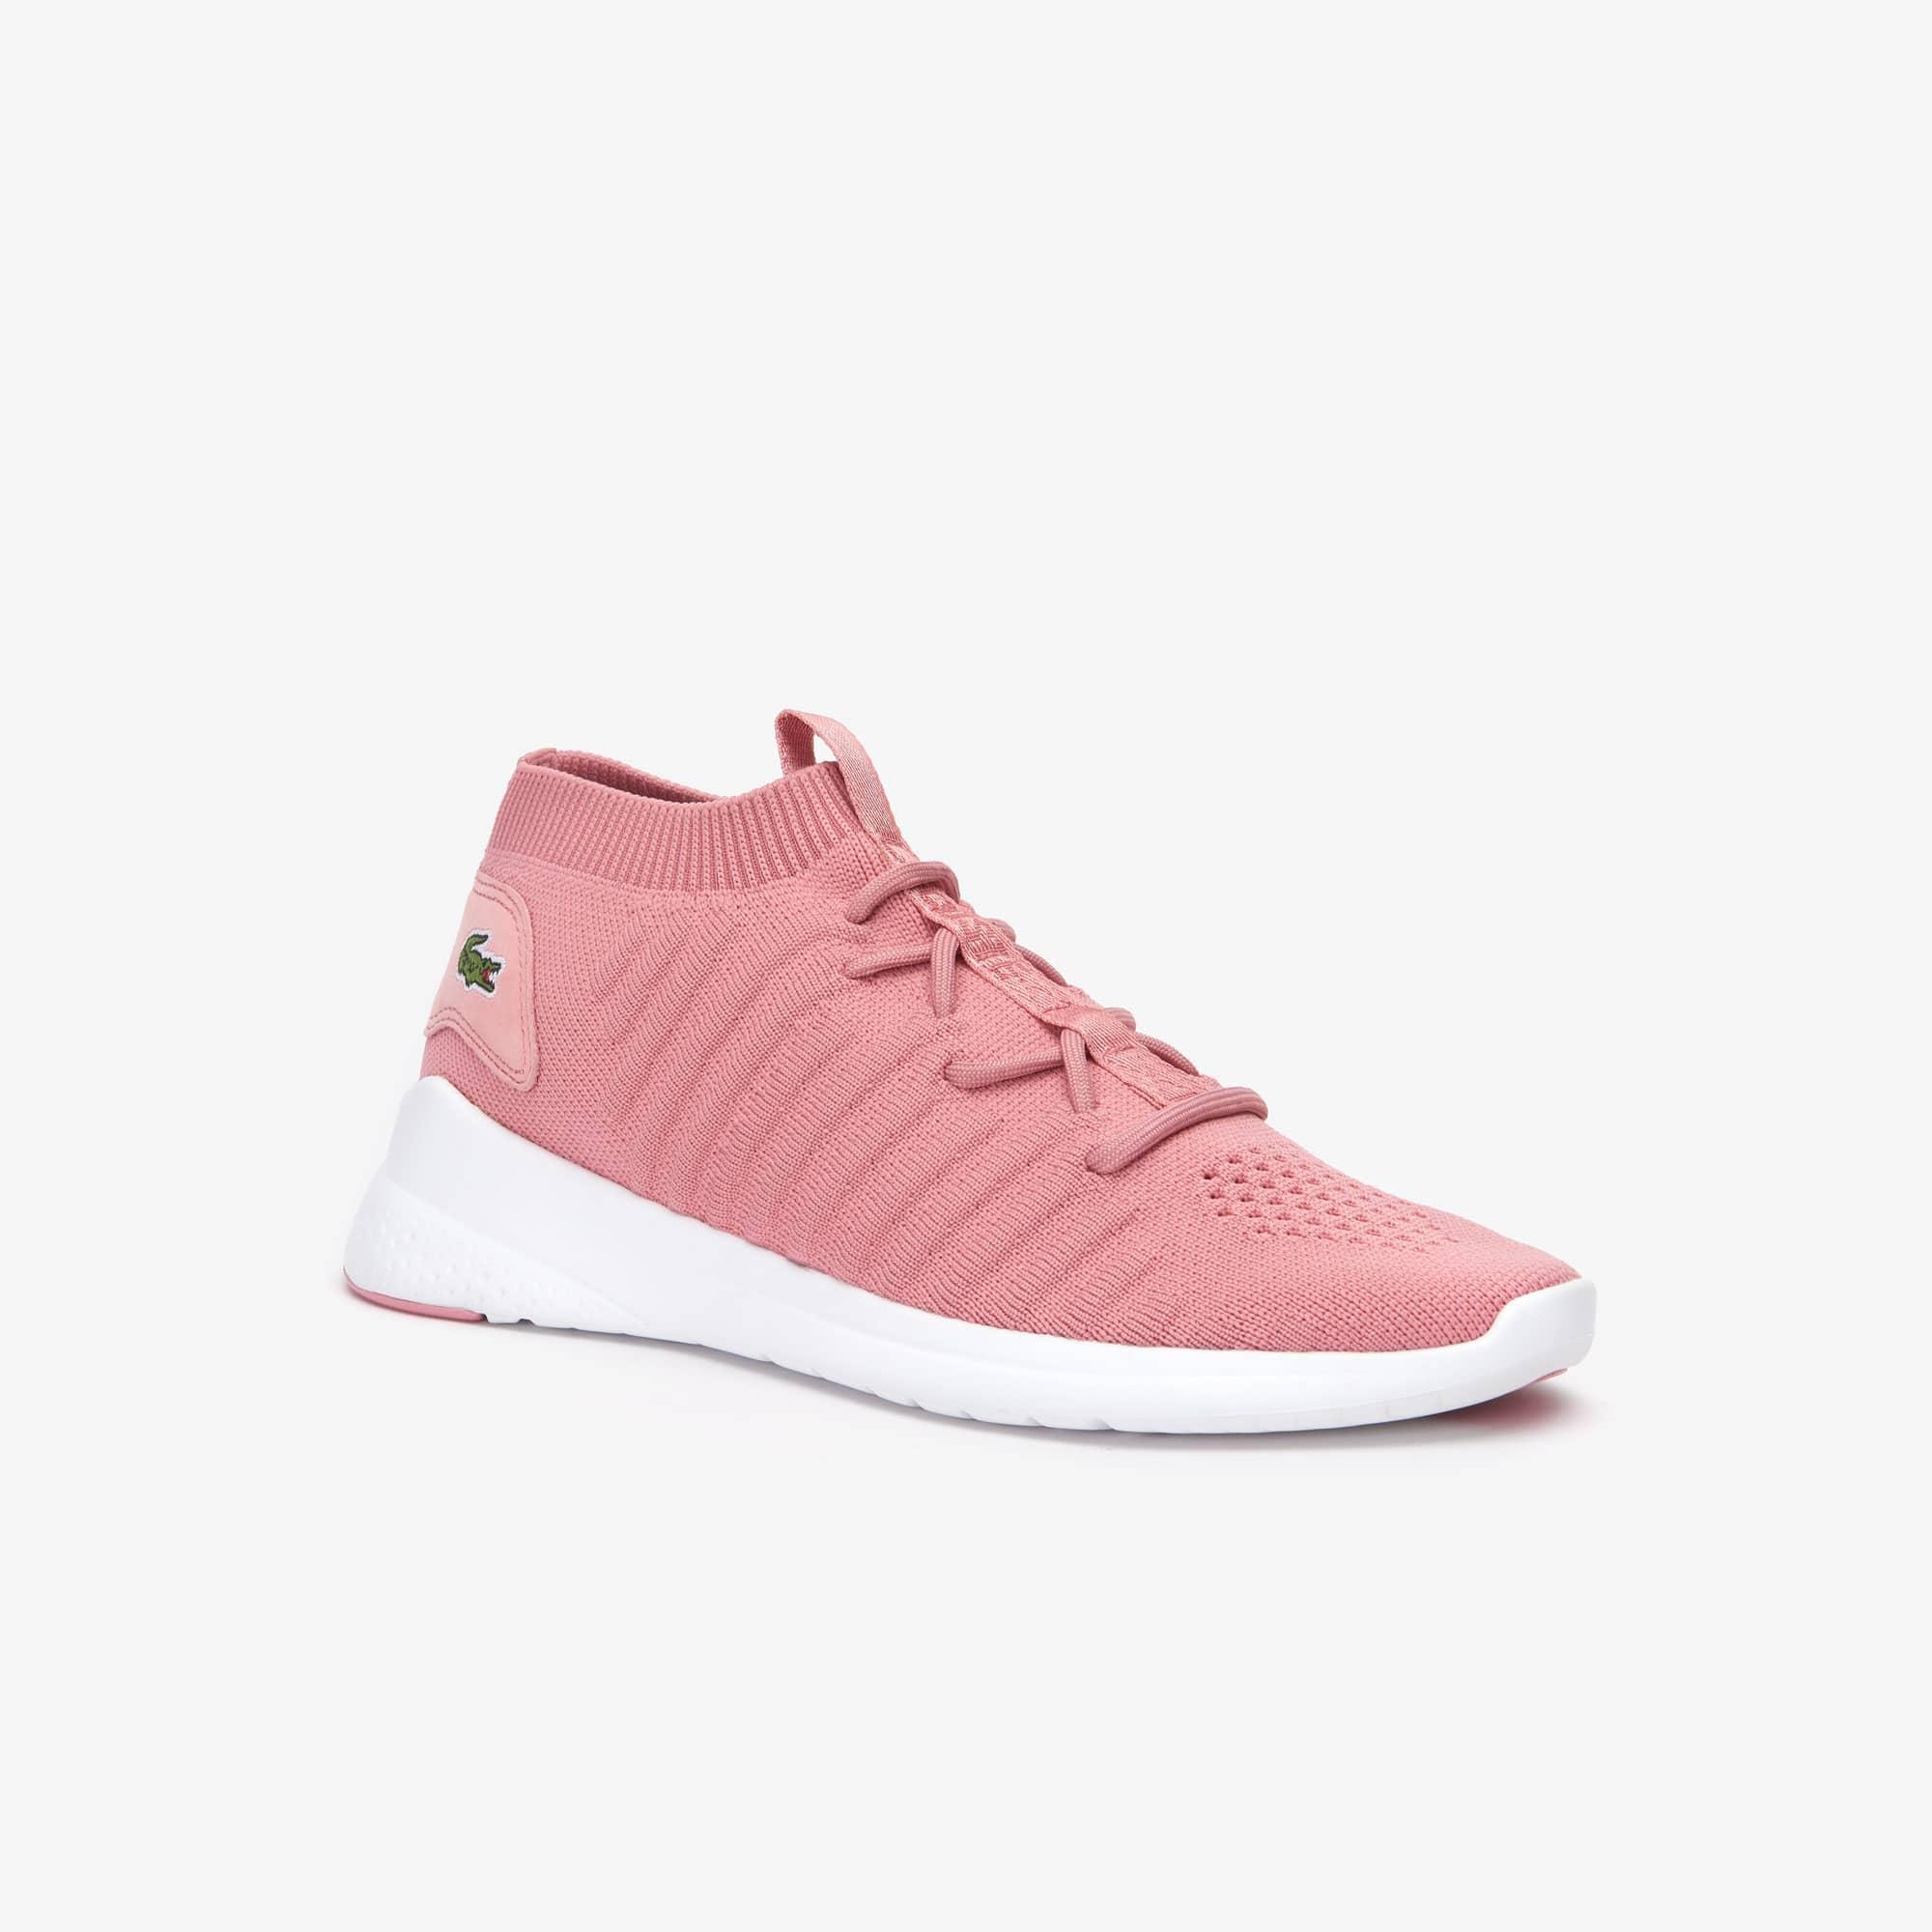 Lacoste Sneakers Women's LT Fit-Flex Sneakers